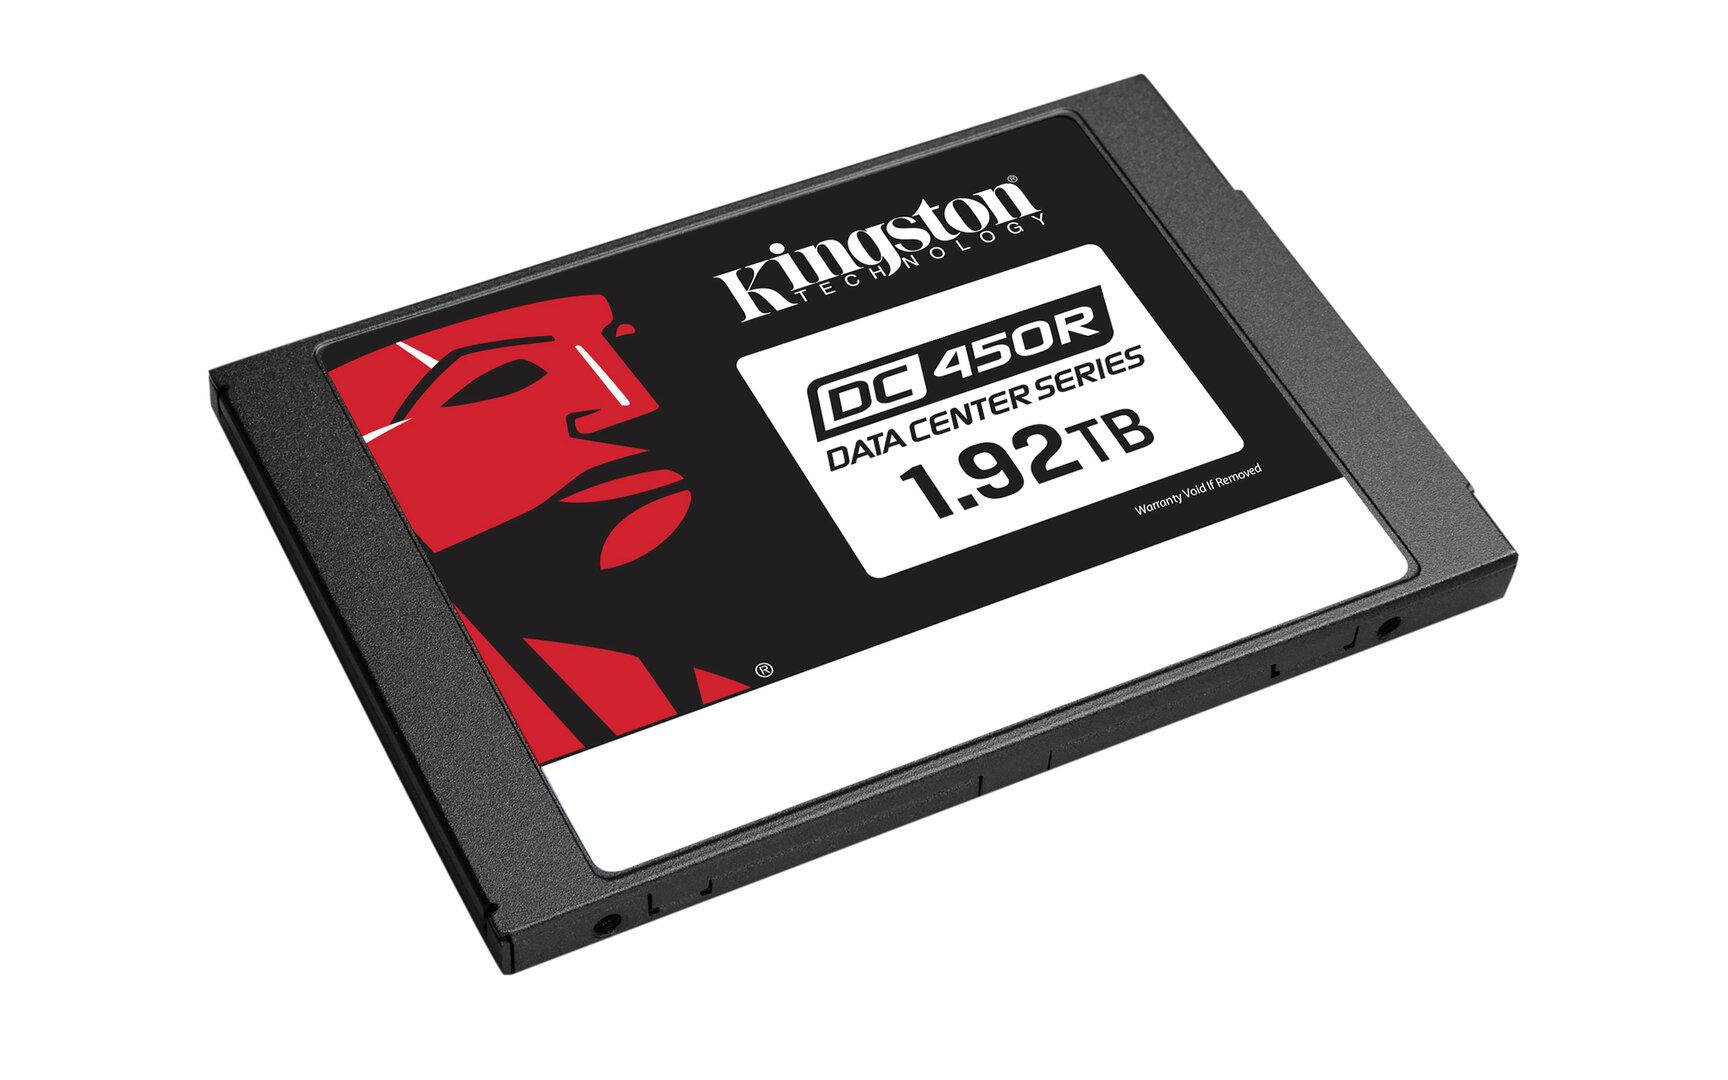 Kingston DC450R SSD